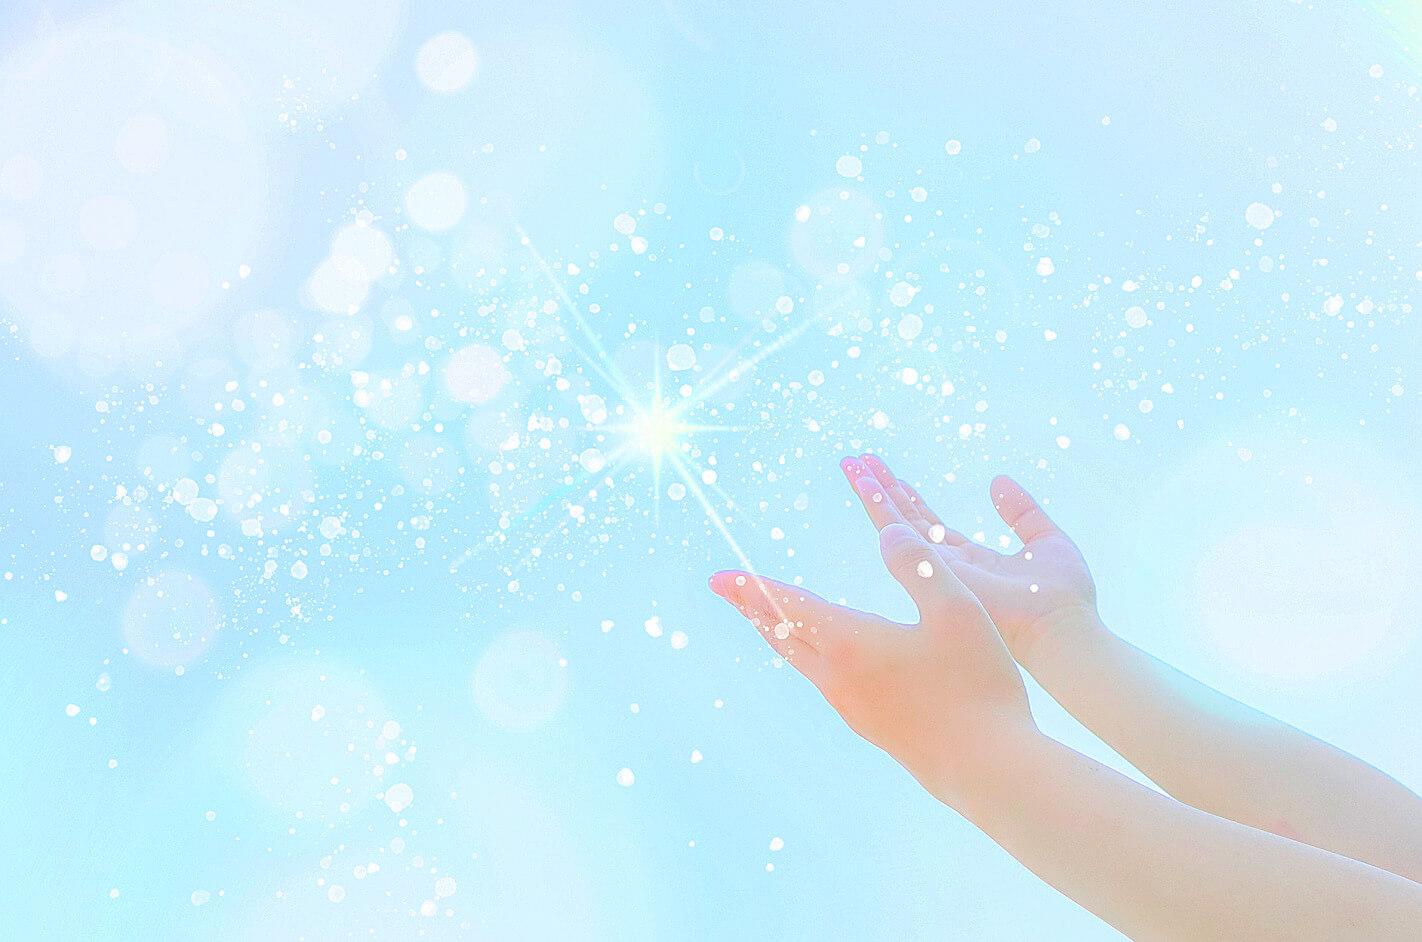 エネルギーを調和させる癒しの手